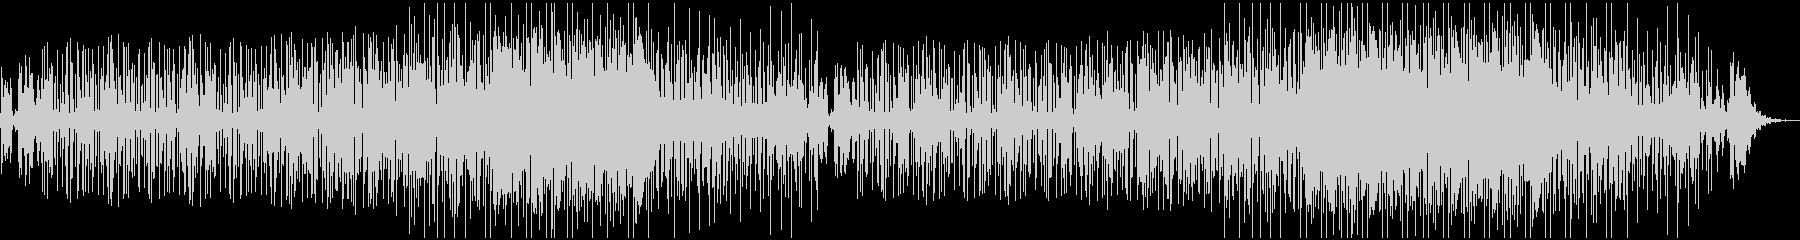 ジャジーでグルーヴィーなオルガンファンクの未再生の波形